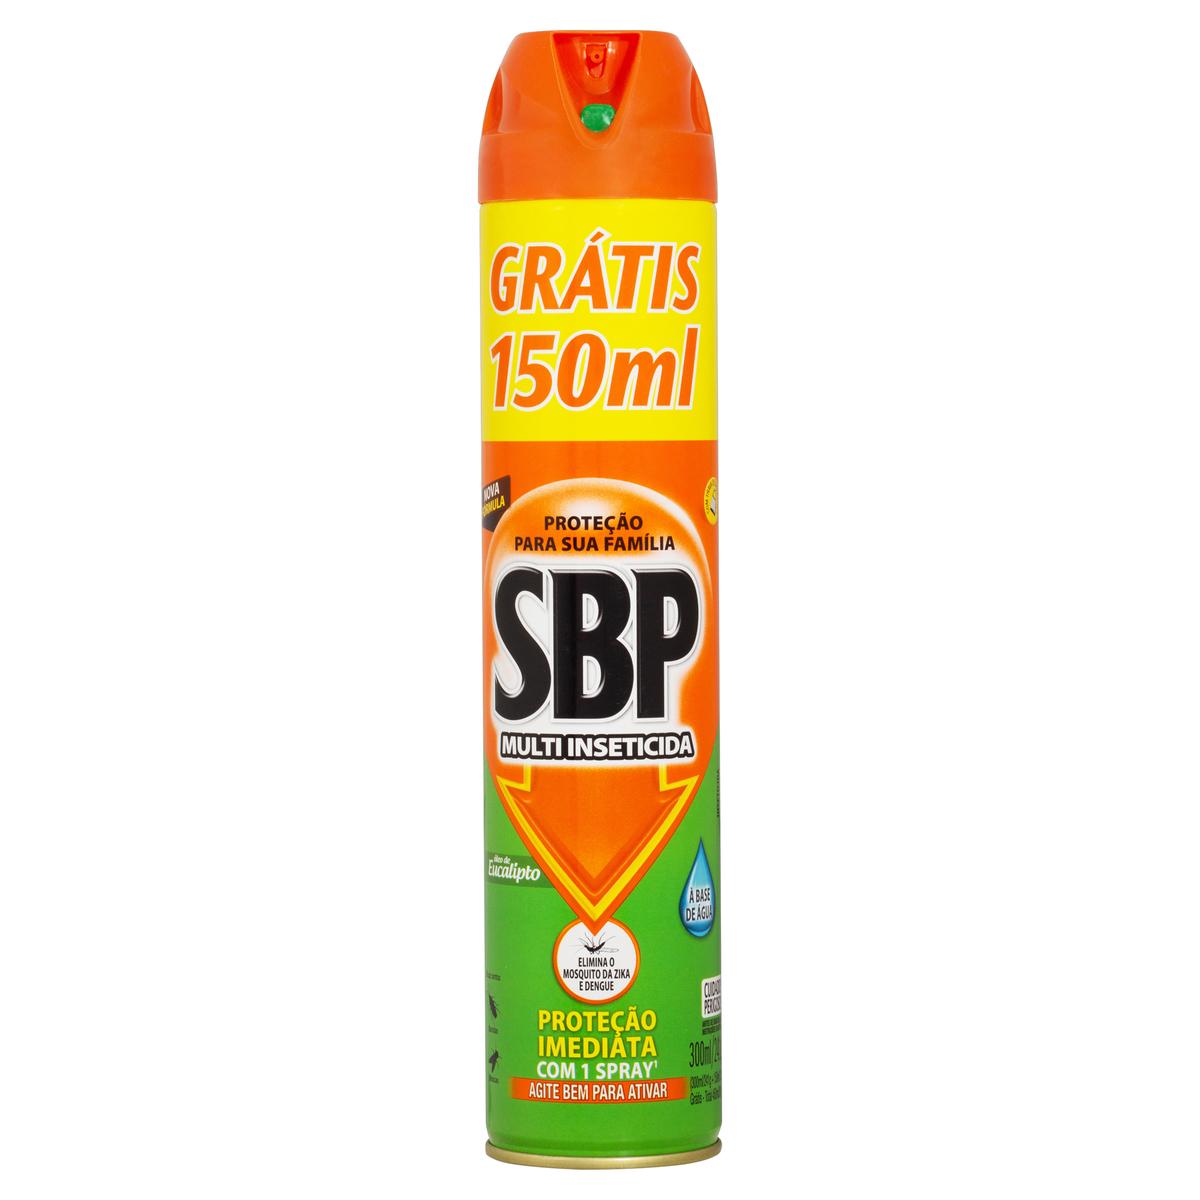 SBP PR EUCALIPTO AERO L+P- 1X450ML(24)